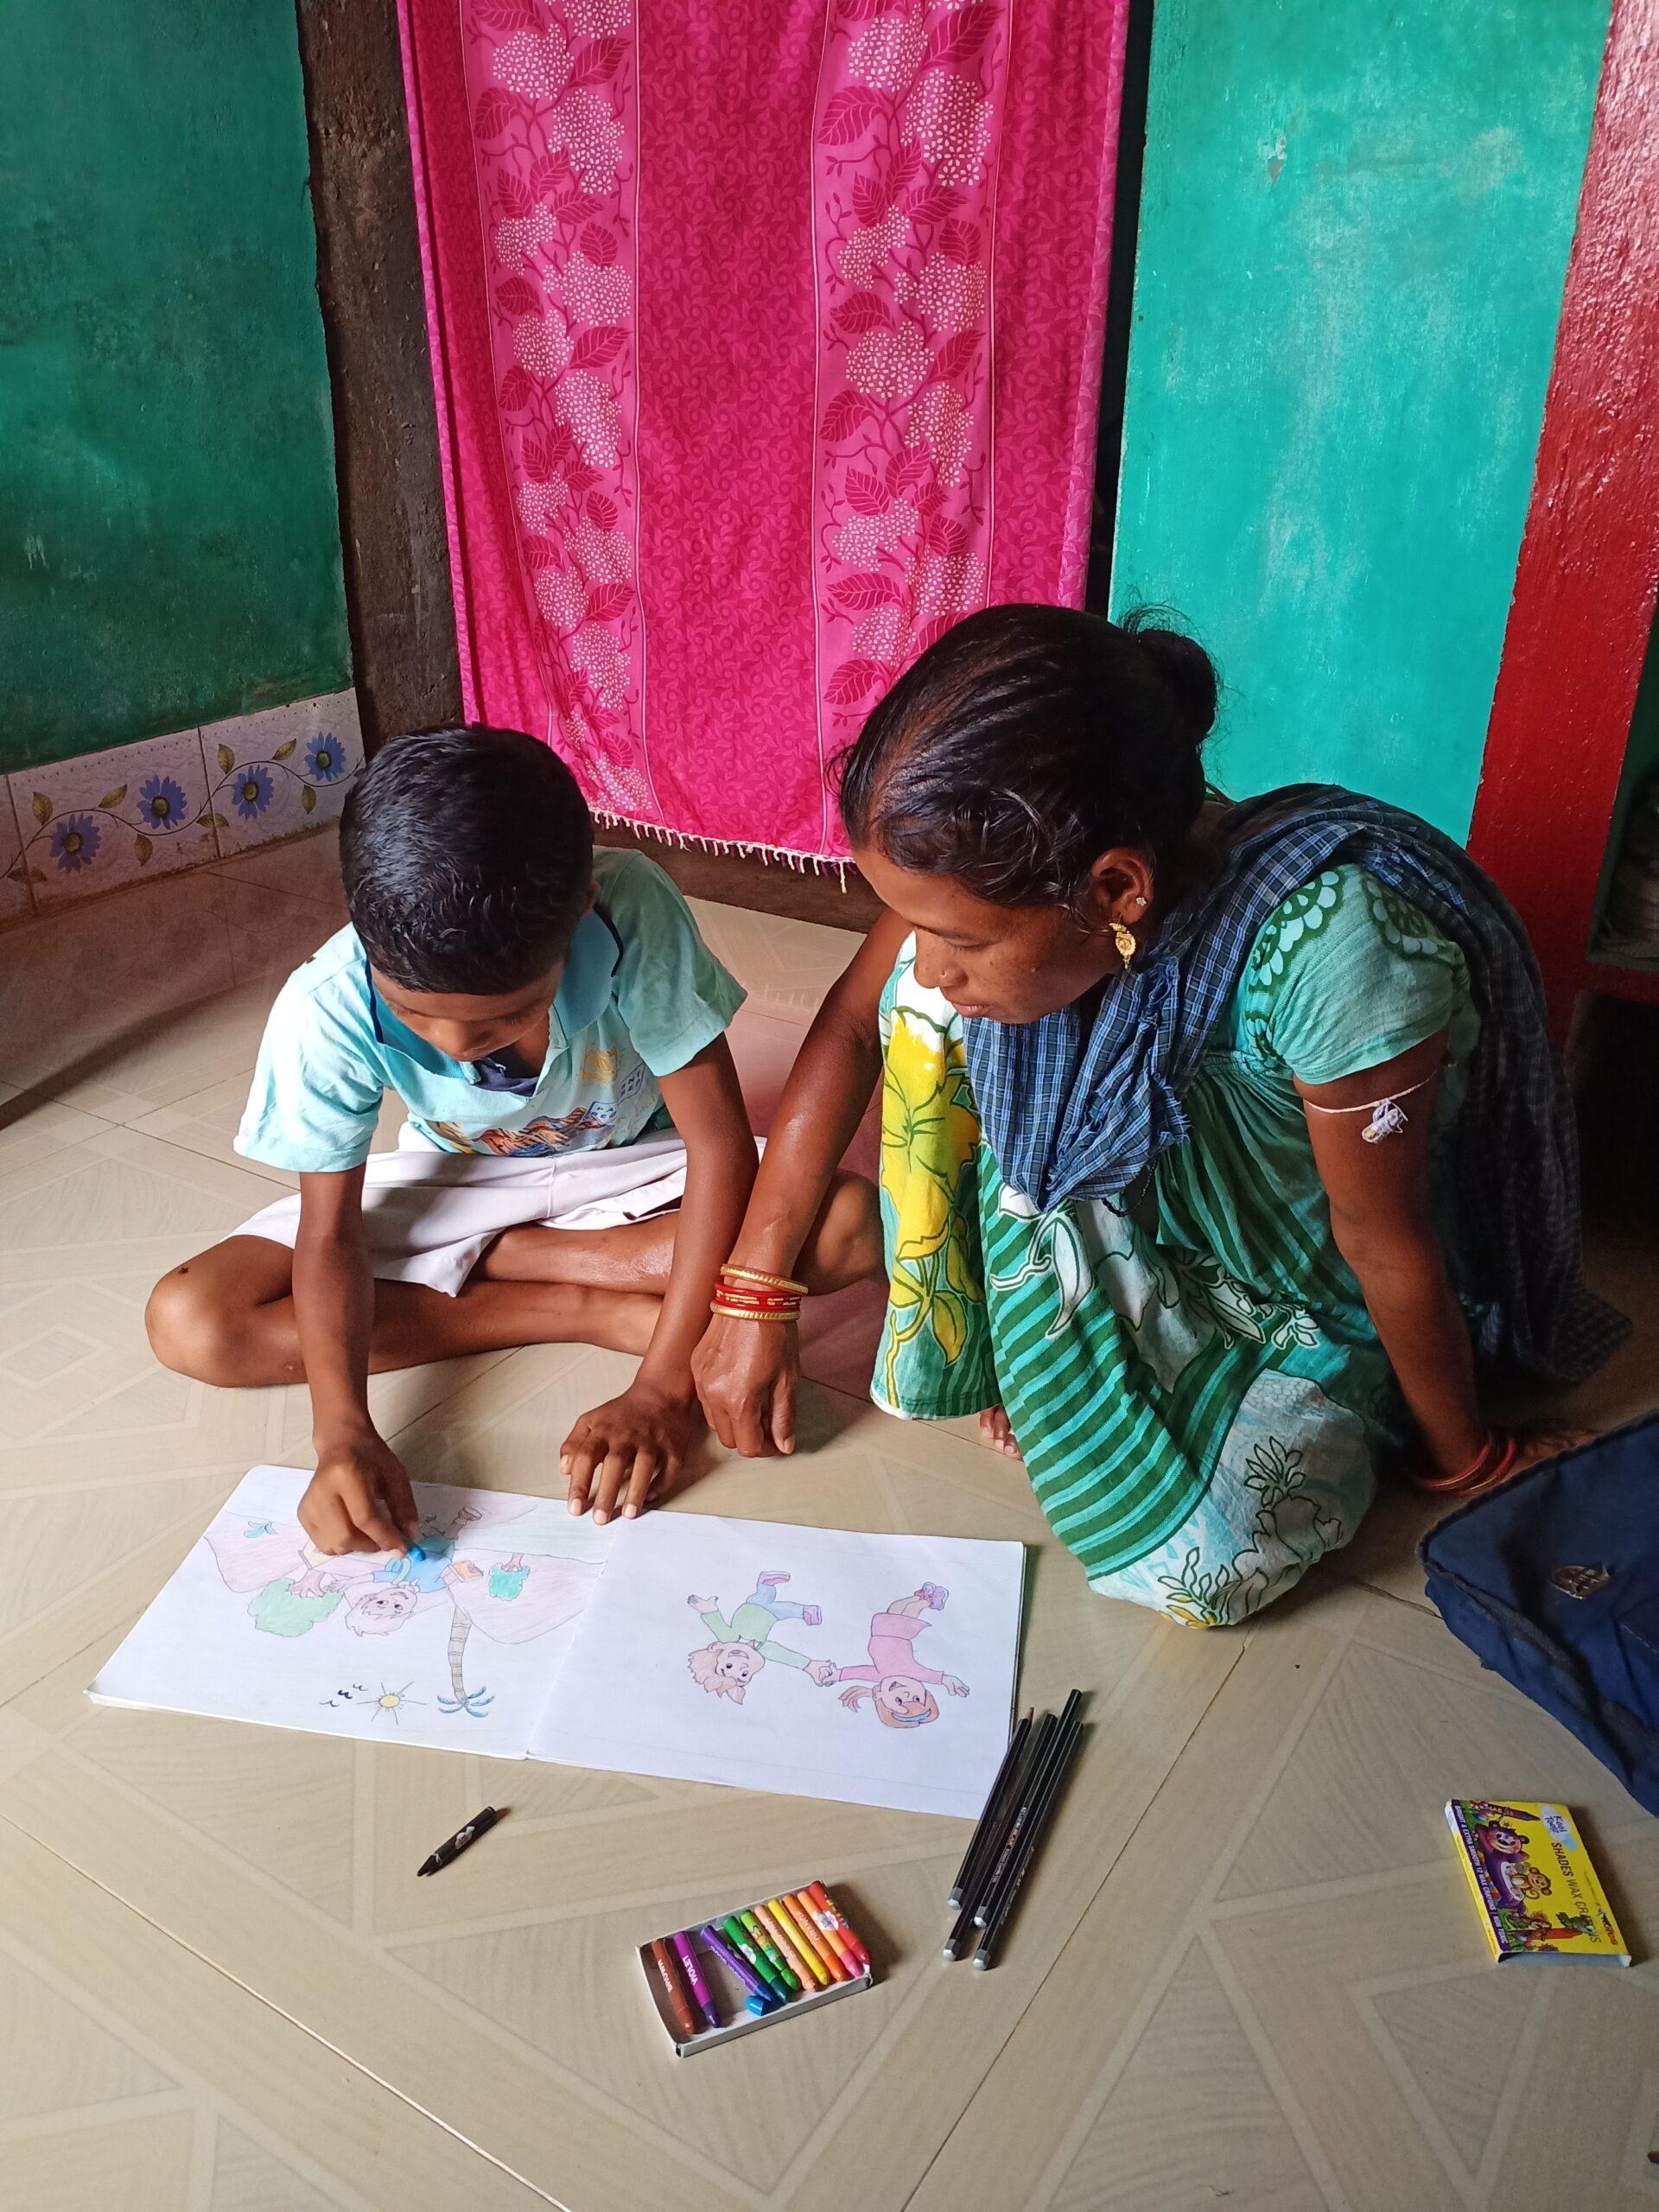 corona noodhulp helpt Amit uit India